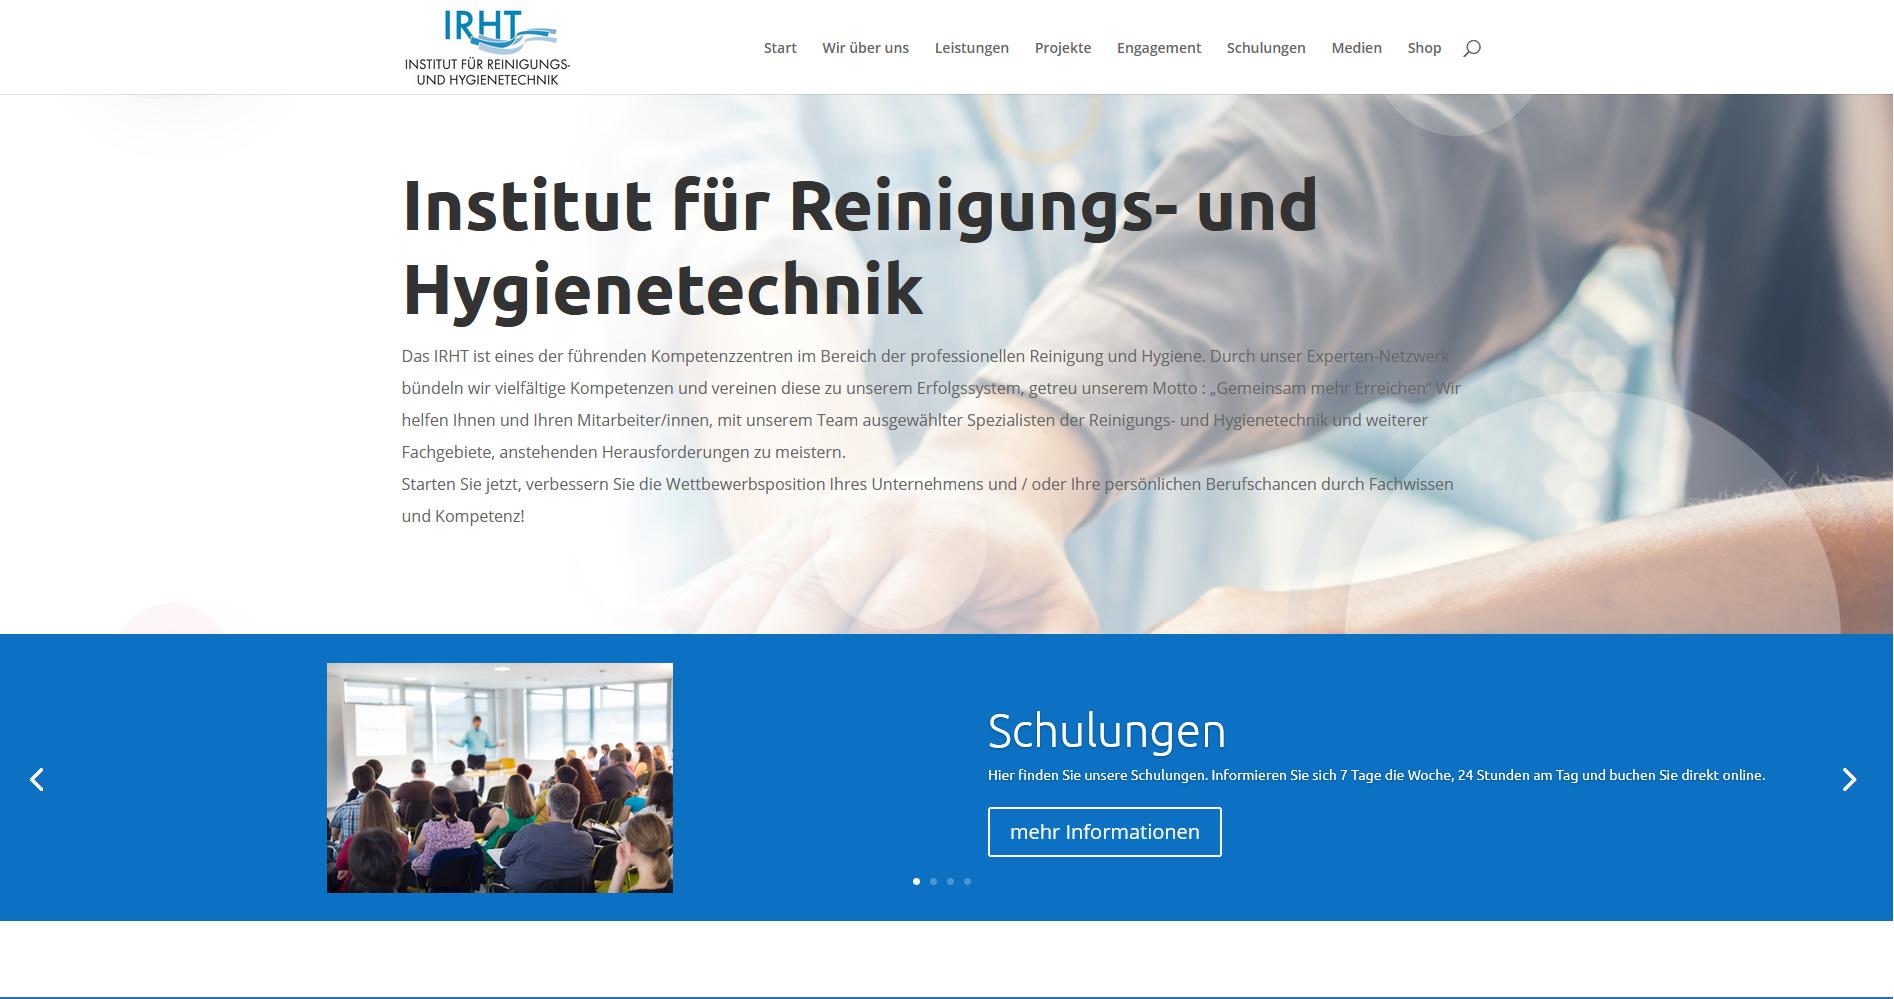 Webseite für Institut für Reinigungs- und Hygienetechnik in Freiburg.